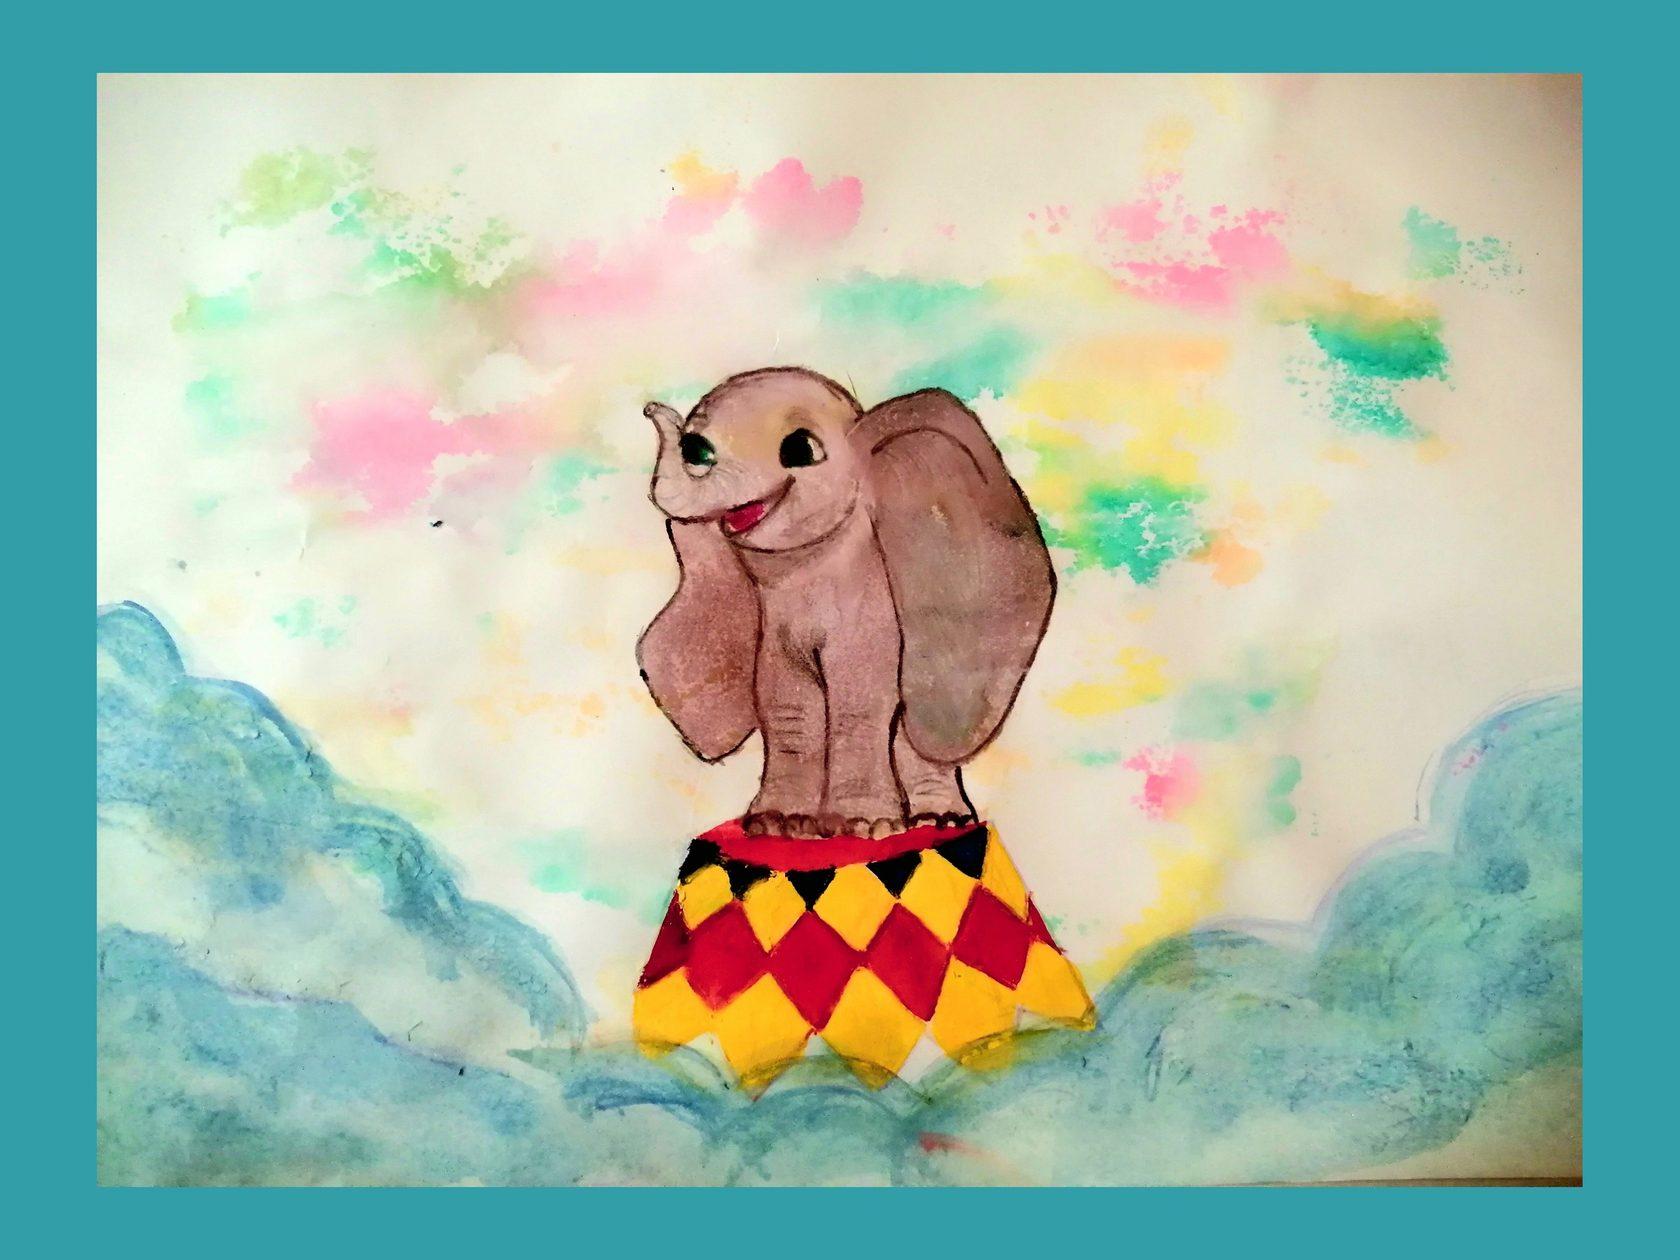 творческий конкурс рисуем слона